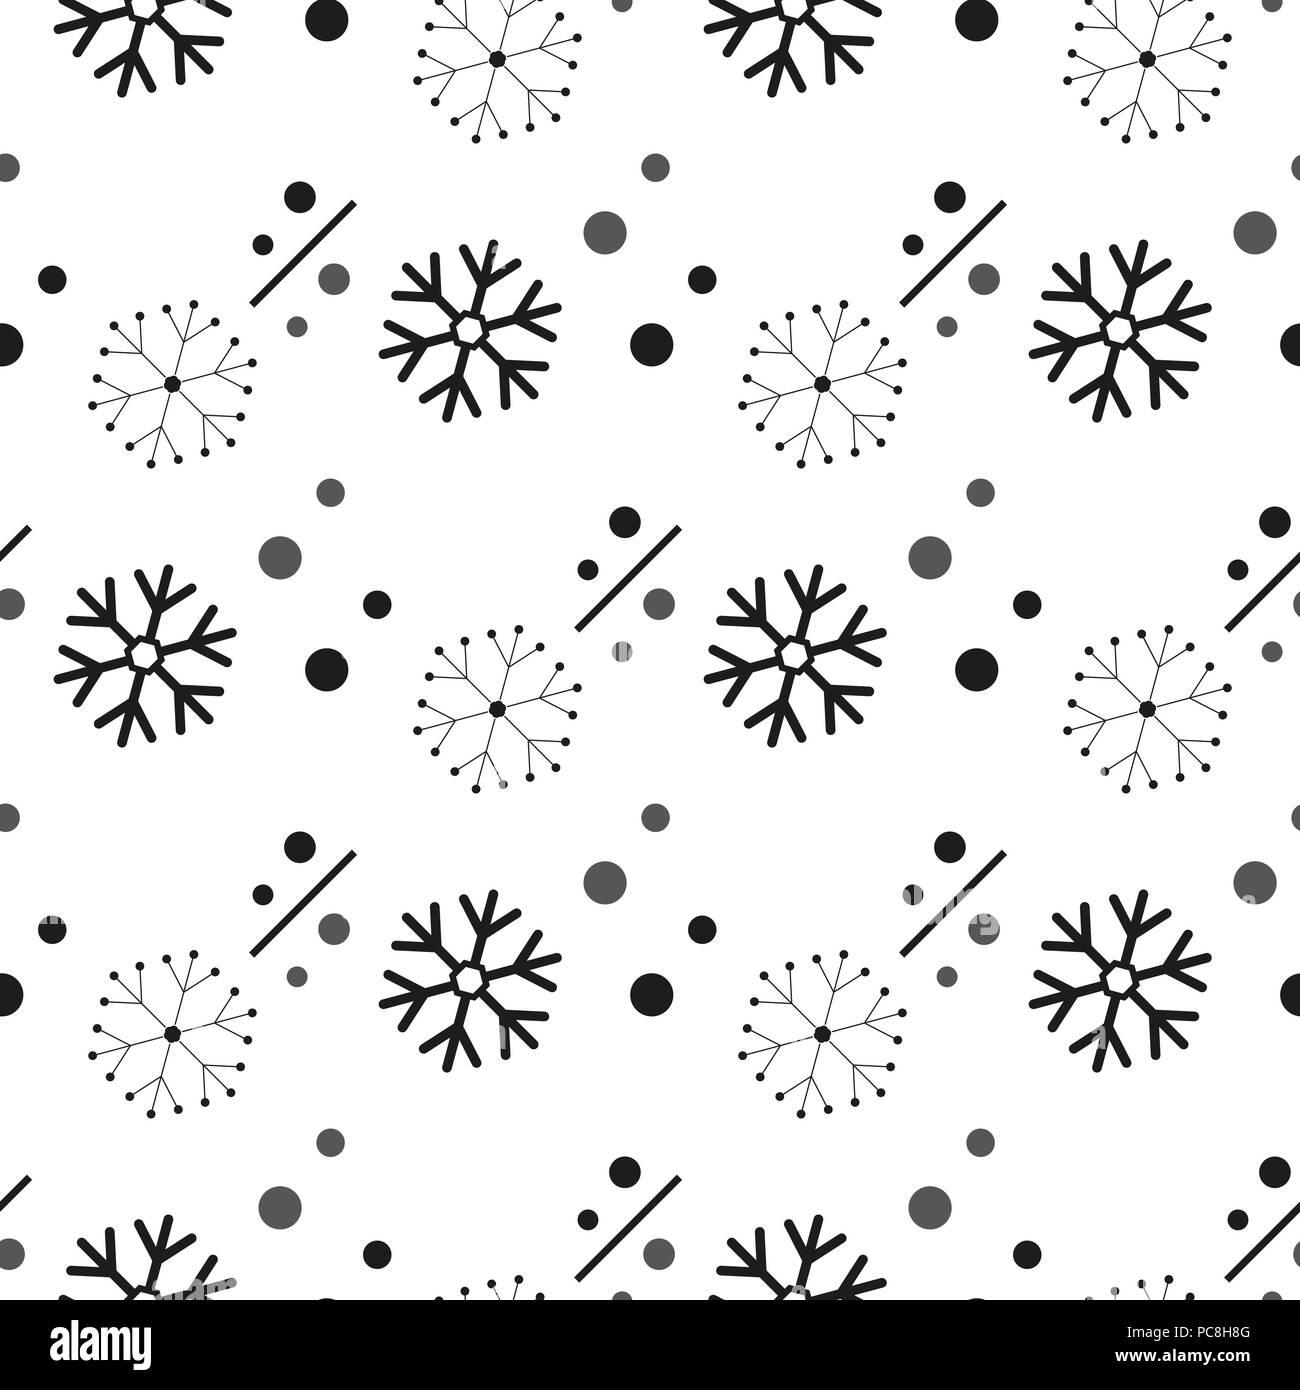 Simple Motif Flocon Transparent La Neige Noire Sur Fond